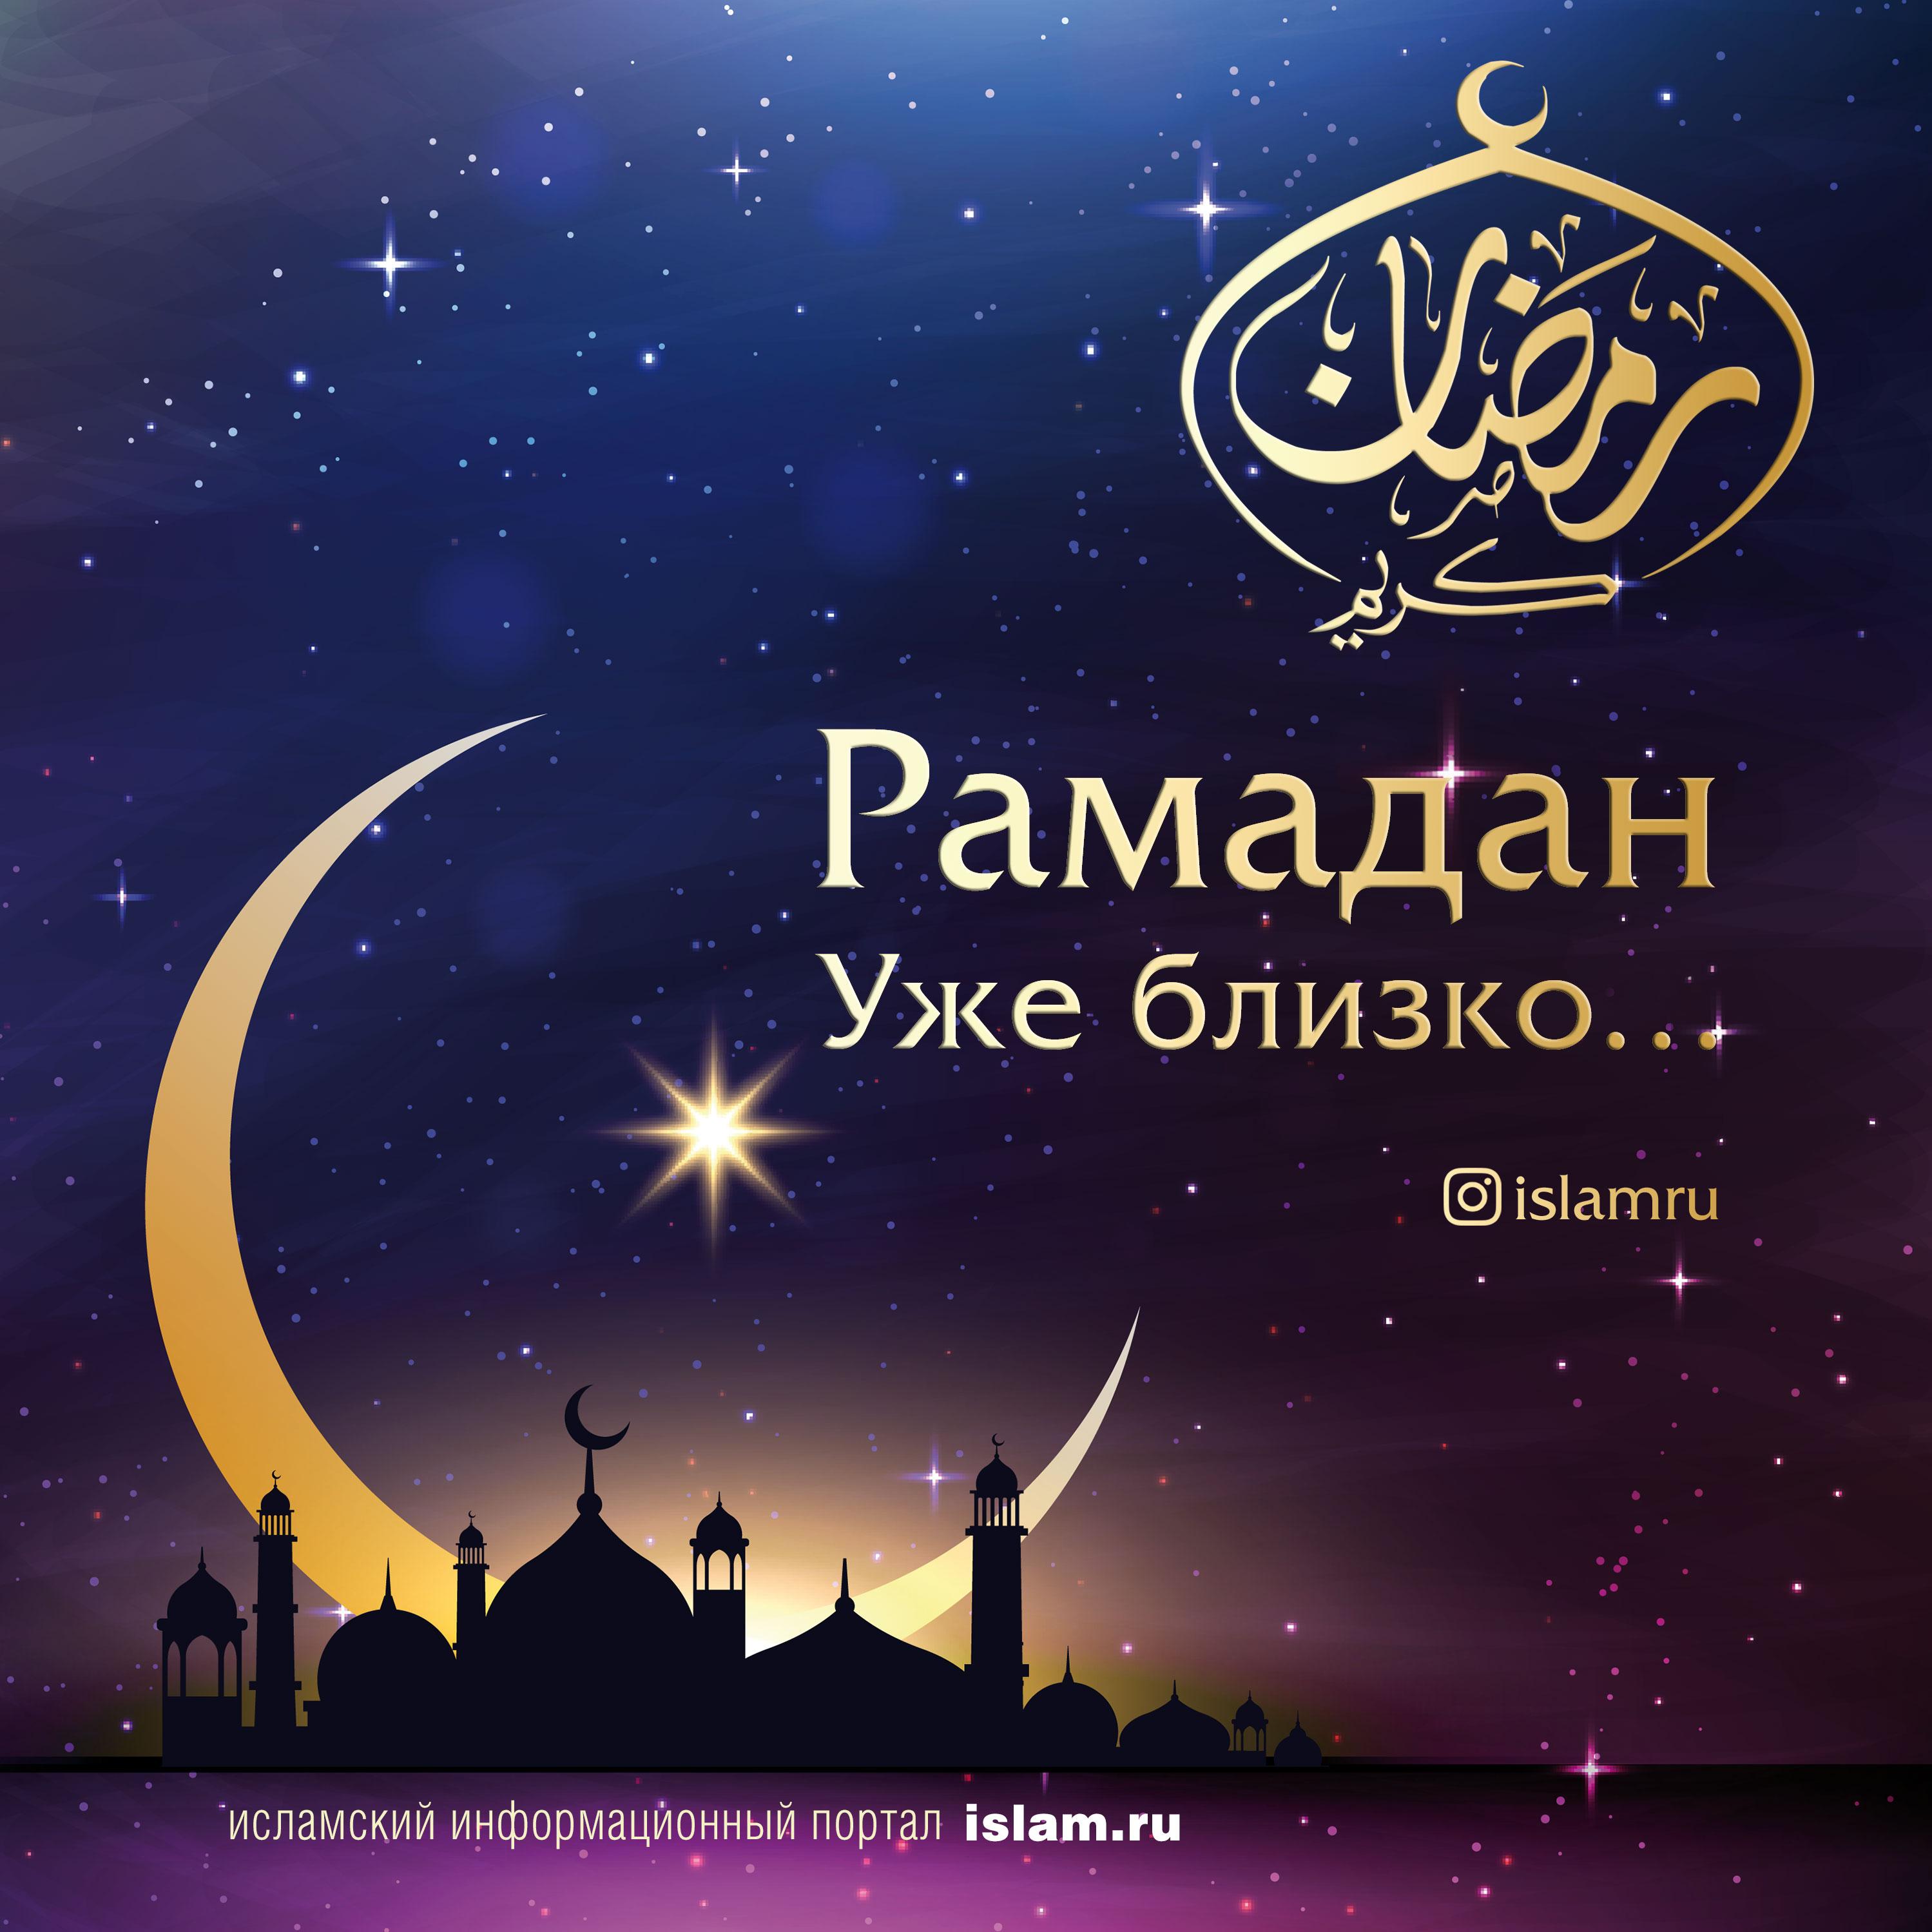 Рамазан картинка поздравление